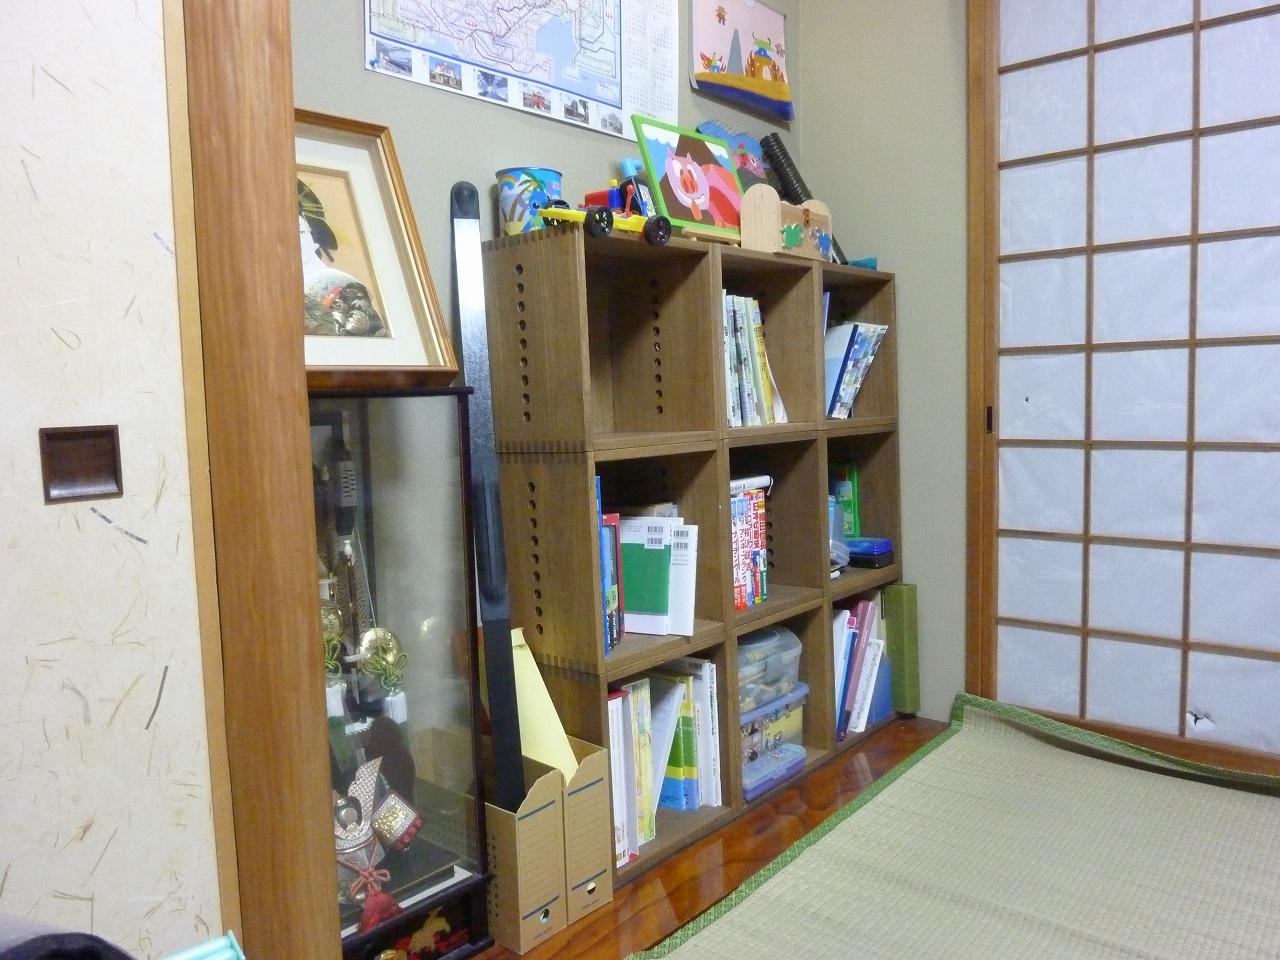 【子供が大きくなって。】 床の間のある和室を子供部屋にしたときに、L-BOXを六個購入して、二段の高さに並べました。およそ二年たって、子供が大きくなって、物が増えてきました。それで、三個買い足して、三段にしました。掛け軸は外すことになりましたが、実用的な部屋に様変わりです。今までの家具の場合は、子供の成長とともに、結局買い替えたりしてもったいなかったのですが、こういう使い方ができるので、ありがたいです。【子供部屋 無垢 木製 収納 ラック キューブ カラーボックス 本棚 絵本 おもちゃ 収納 図鑑 大型本】